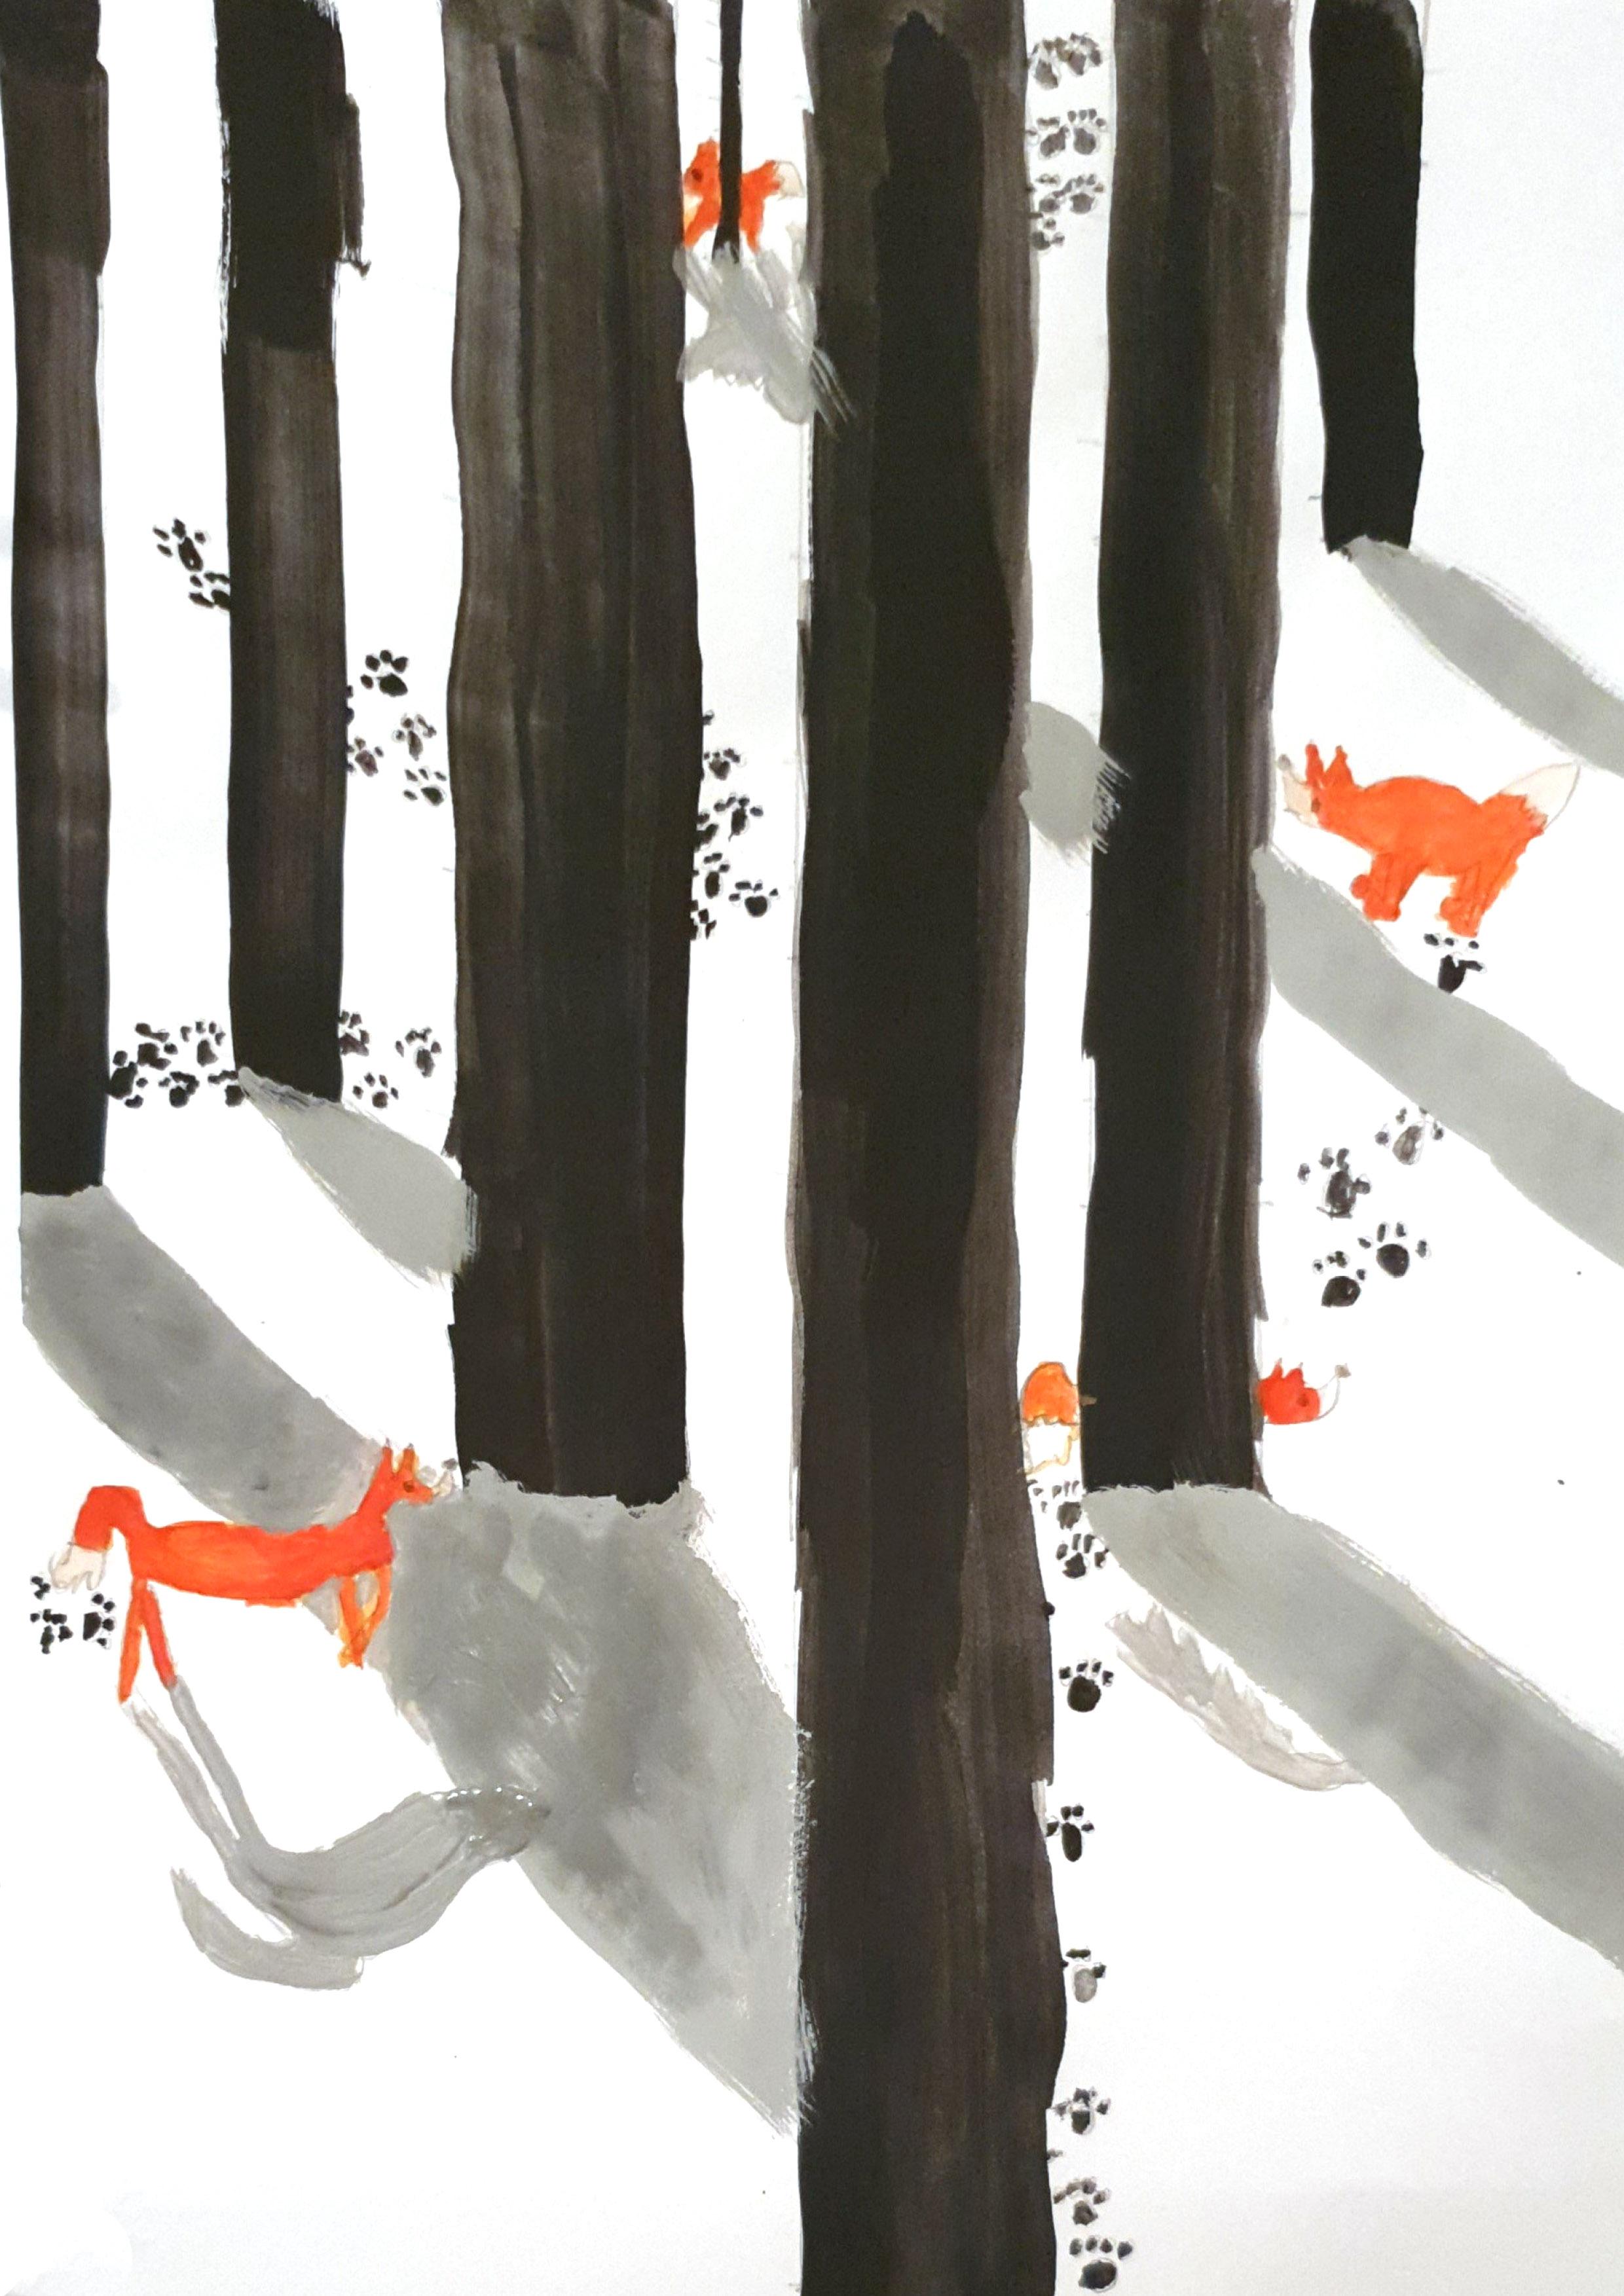 503, Kunst, Philip Schuder, Fuchs im Schneewald.jpg